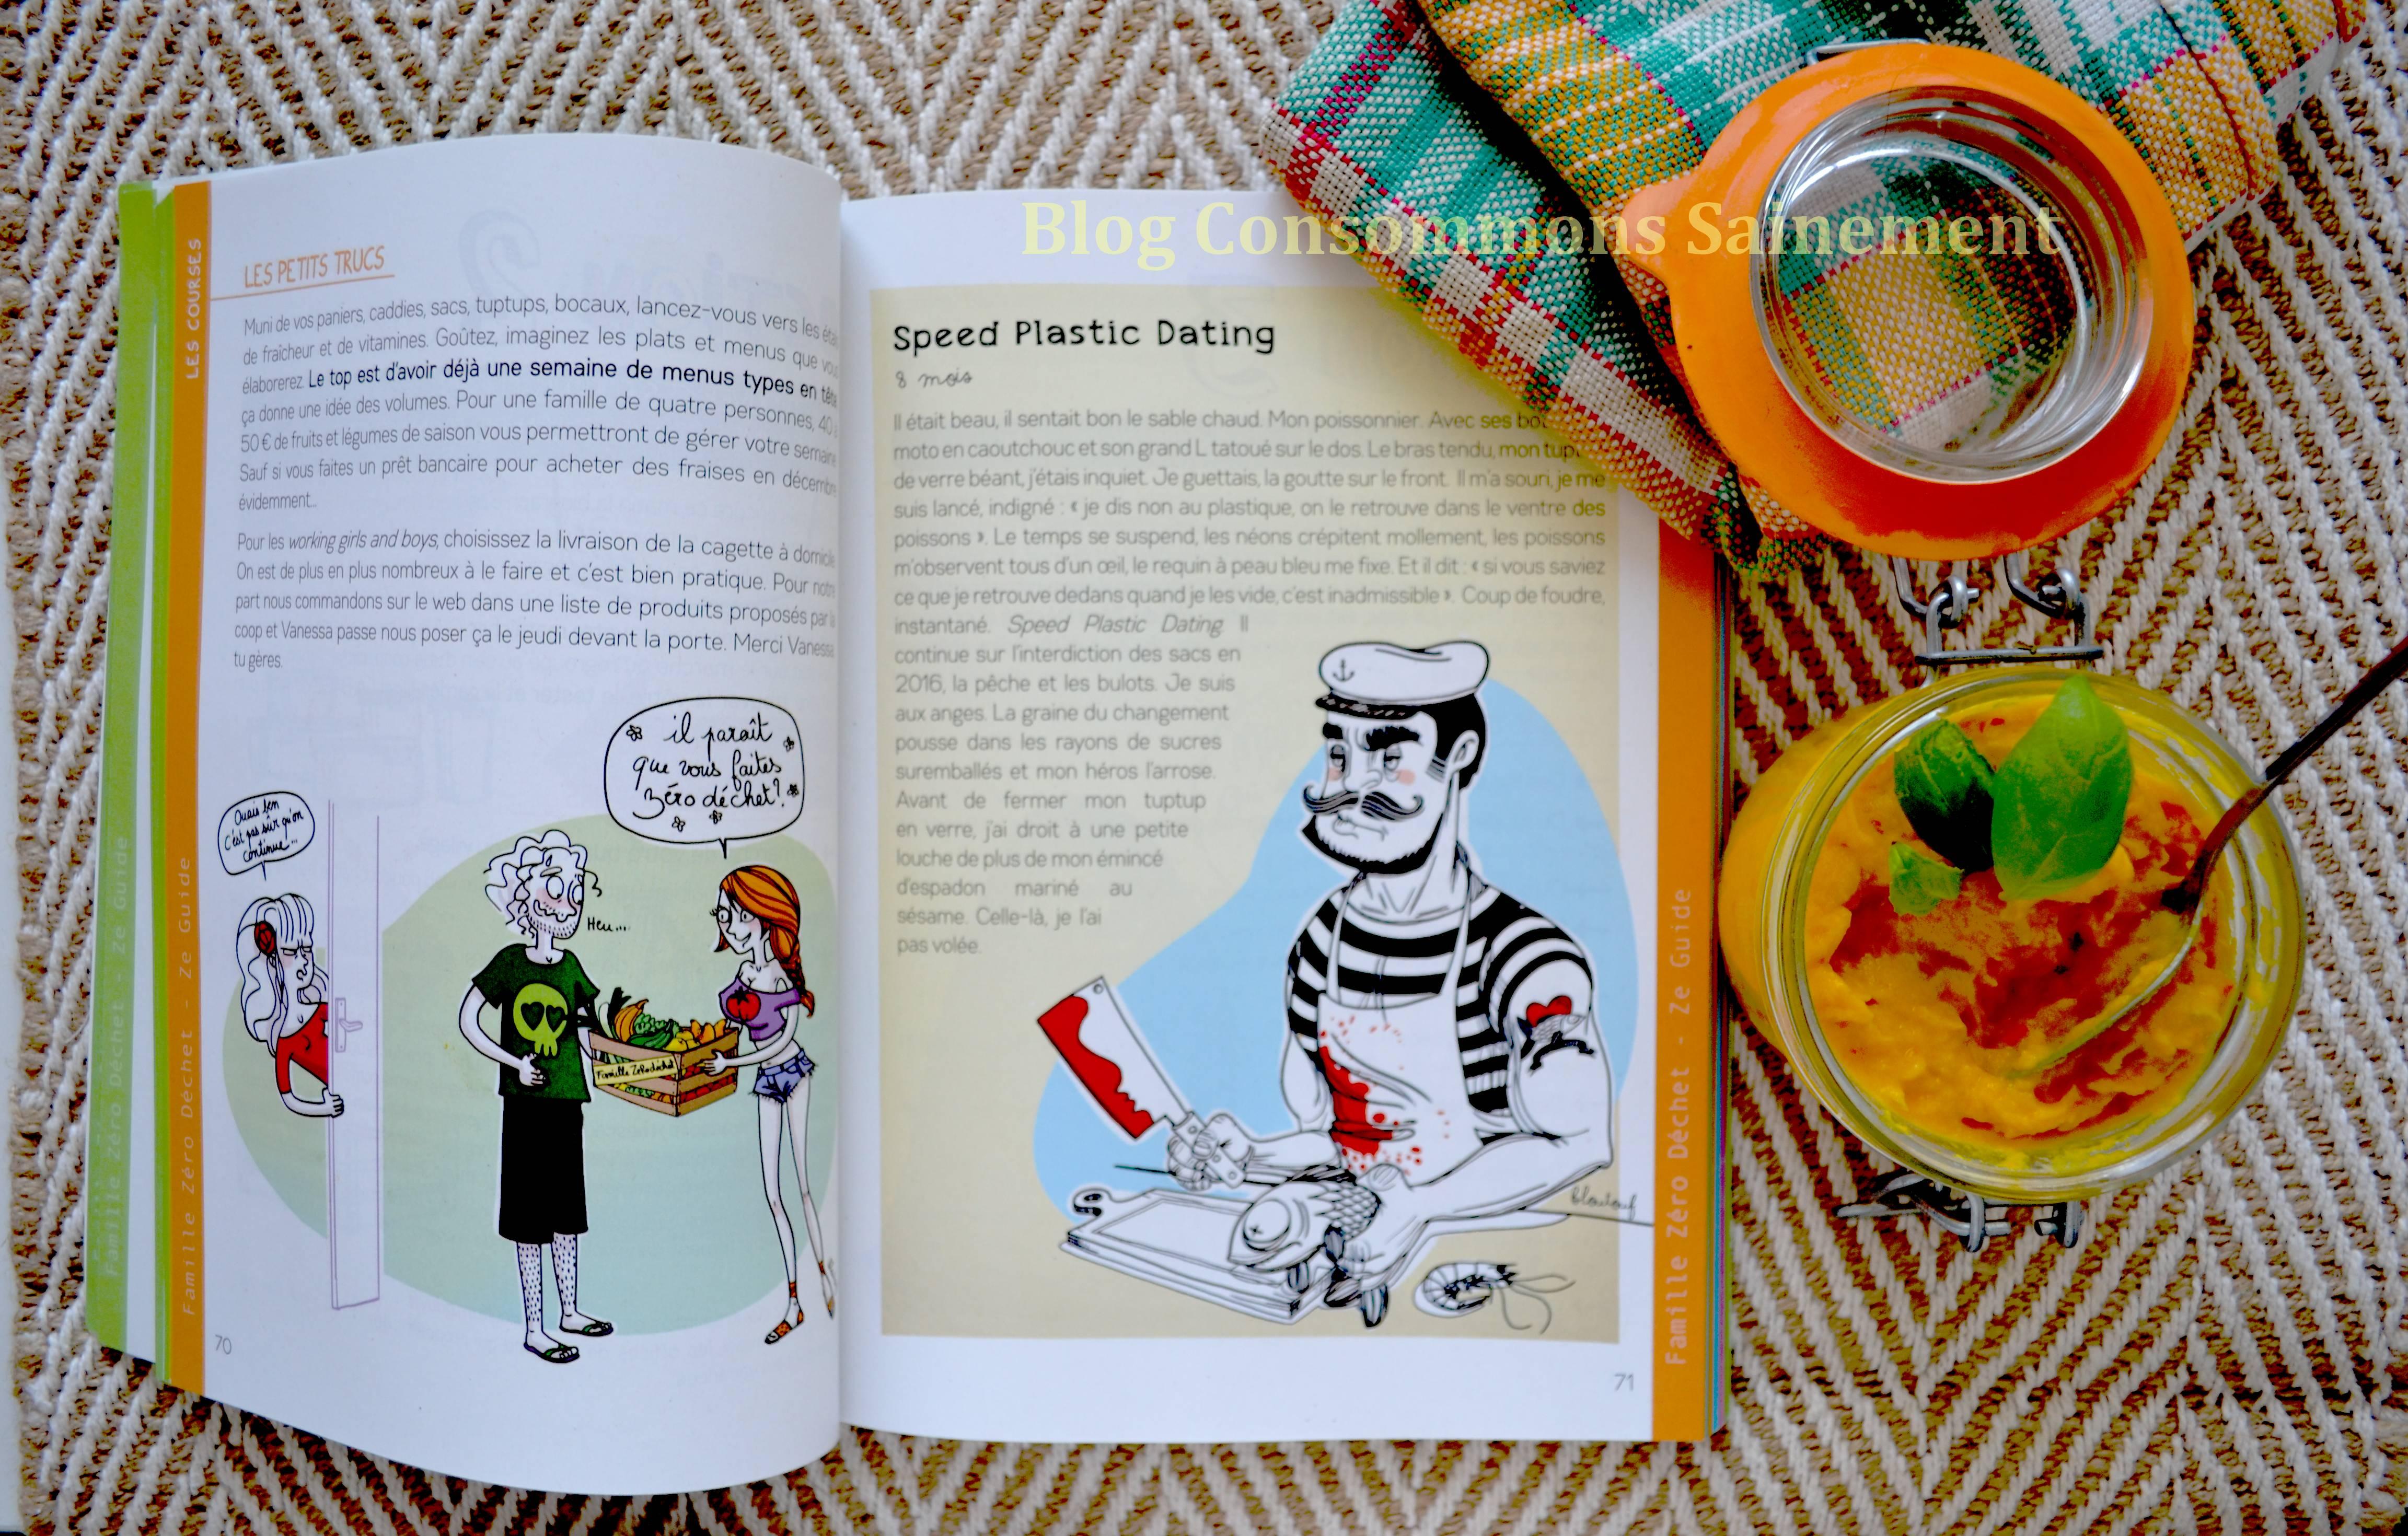 Le gros plus du livre  les dessins colorés et très amusants faits par la  main de la talentueuse Bénédicte Moret. La Famille Zéro,Déchet